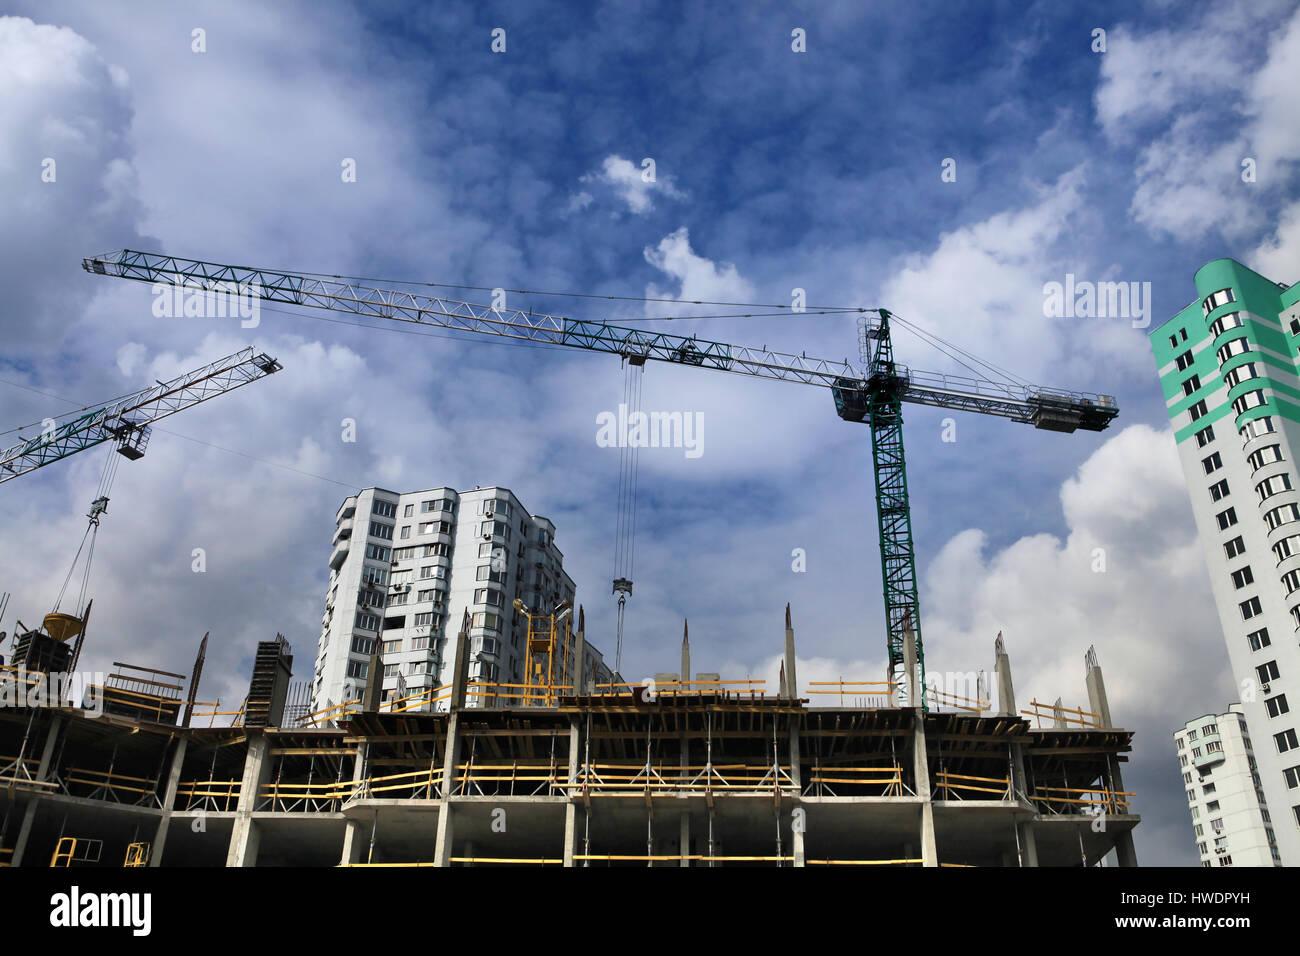 Krane und Bau des neuen Wohnkomplexes in der Stadt Kiew Stockbild